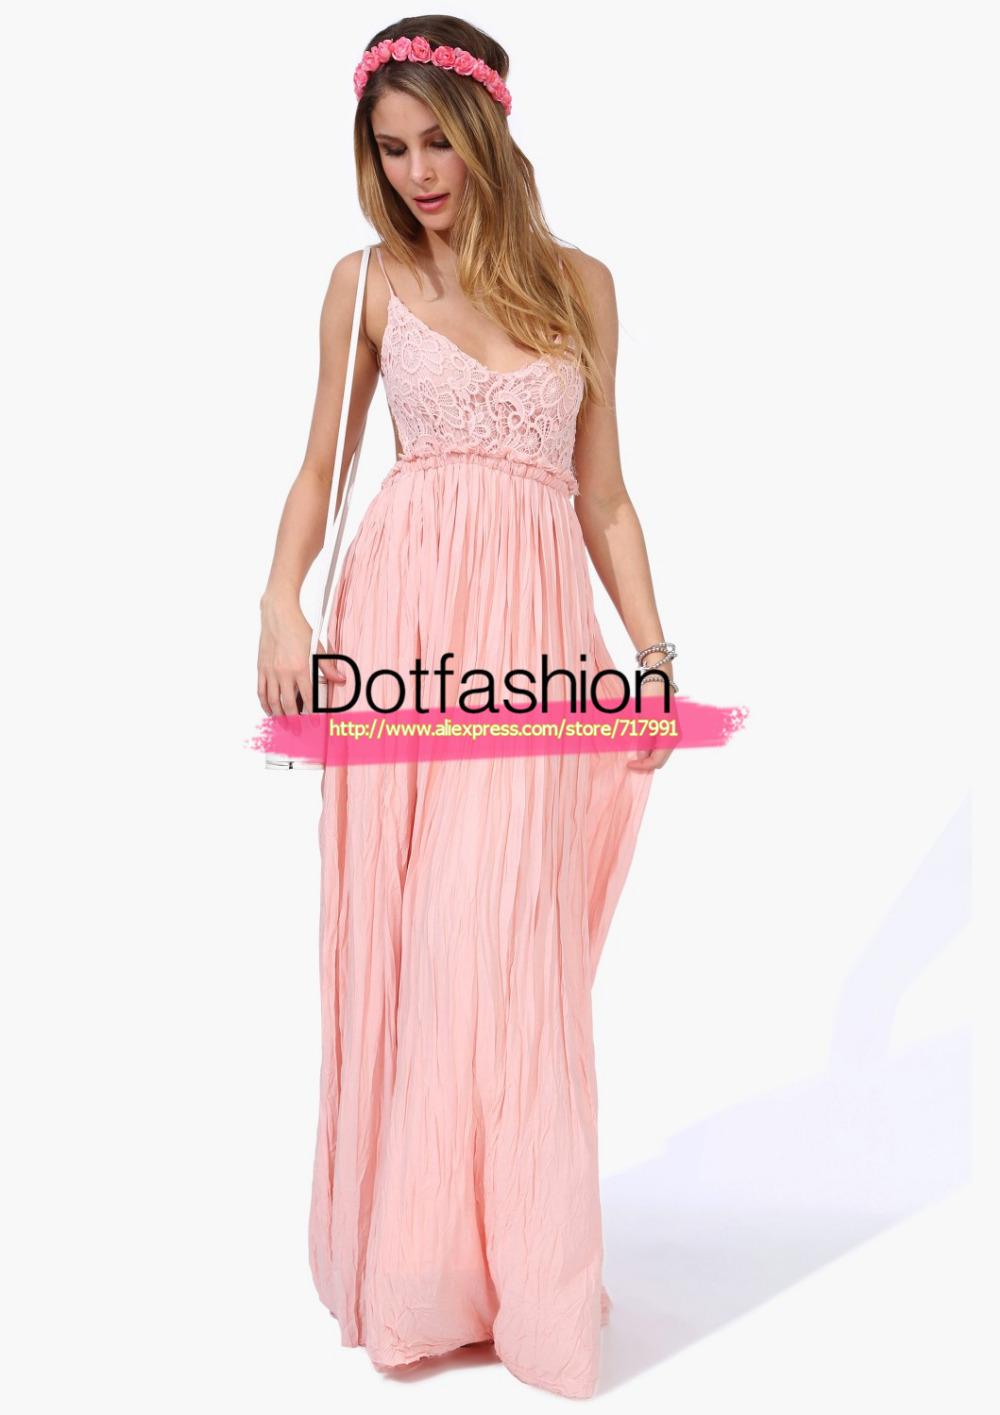 neuen 2014 sommermode frauen sexy kleidung hochzeit elegante rosa spaghetti stickerei plissierte backless in  von  auf Aliexpress.com